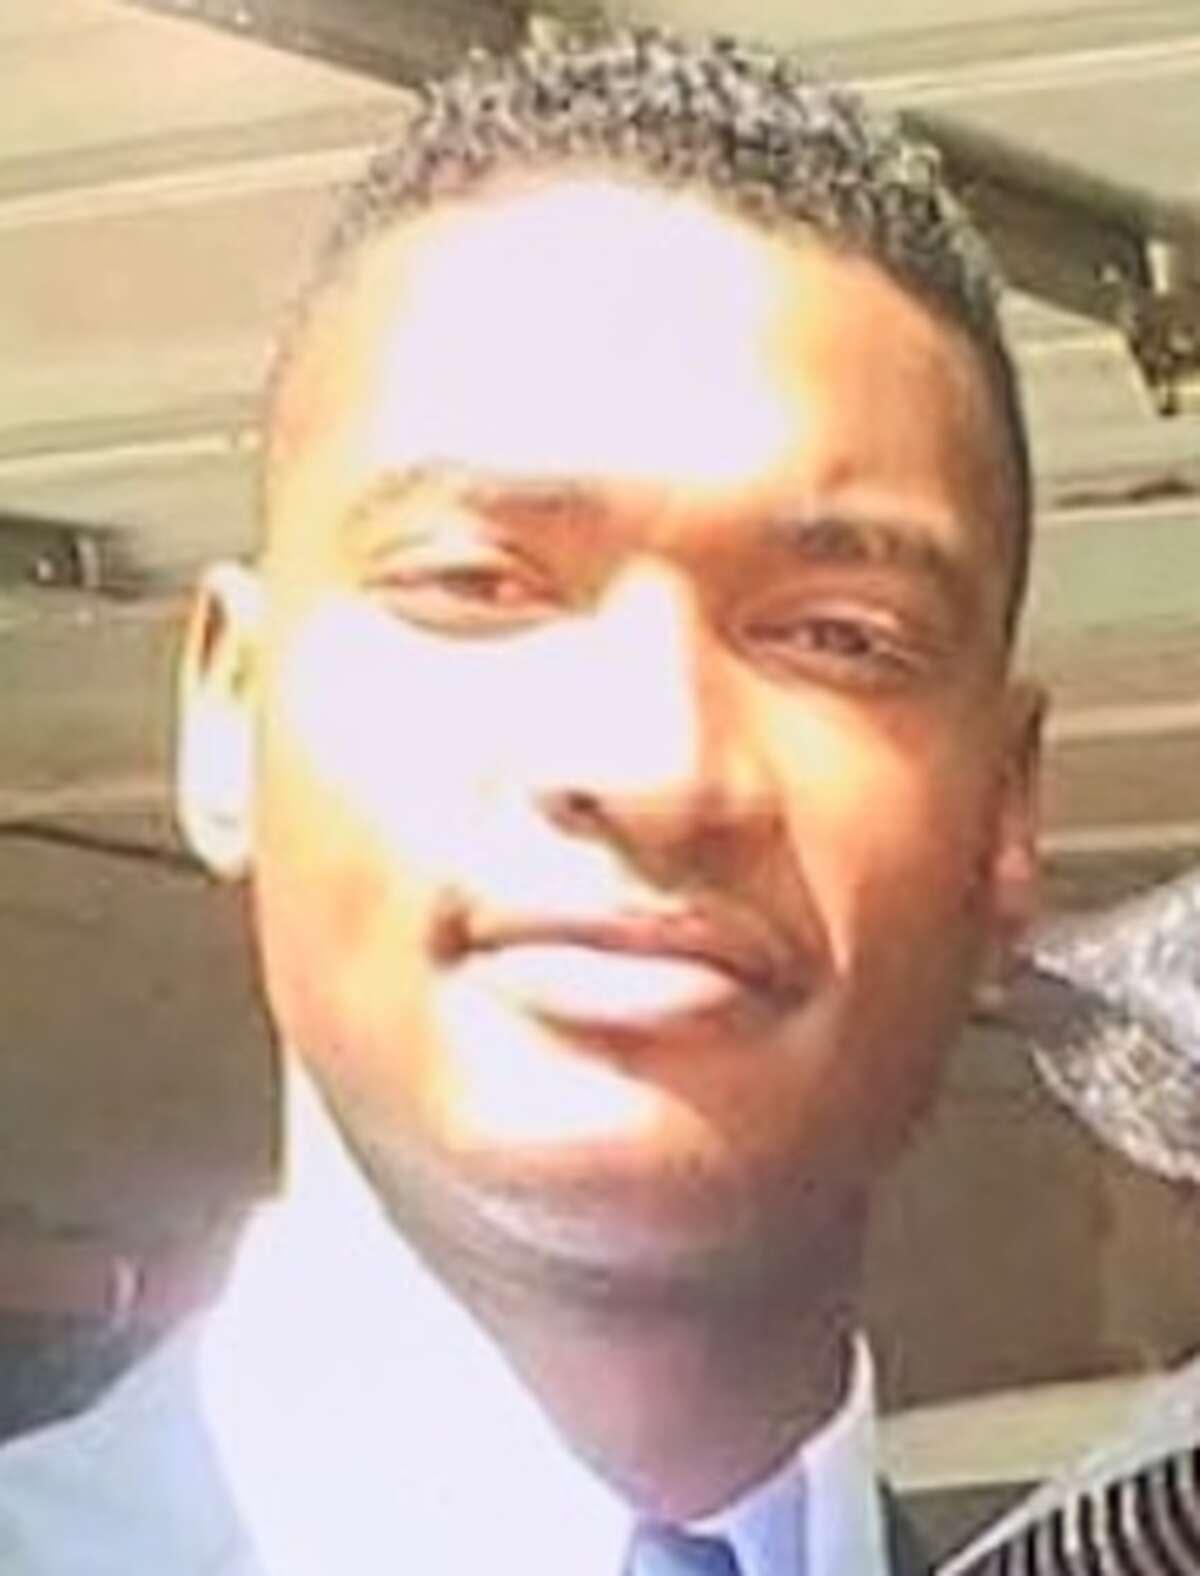 Isiah Swearington, 29, was found dead on March 17 in a field in southwest Houston.